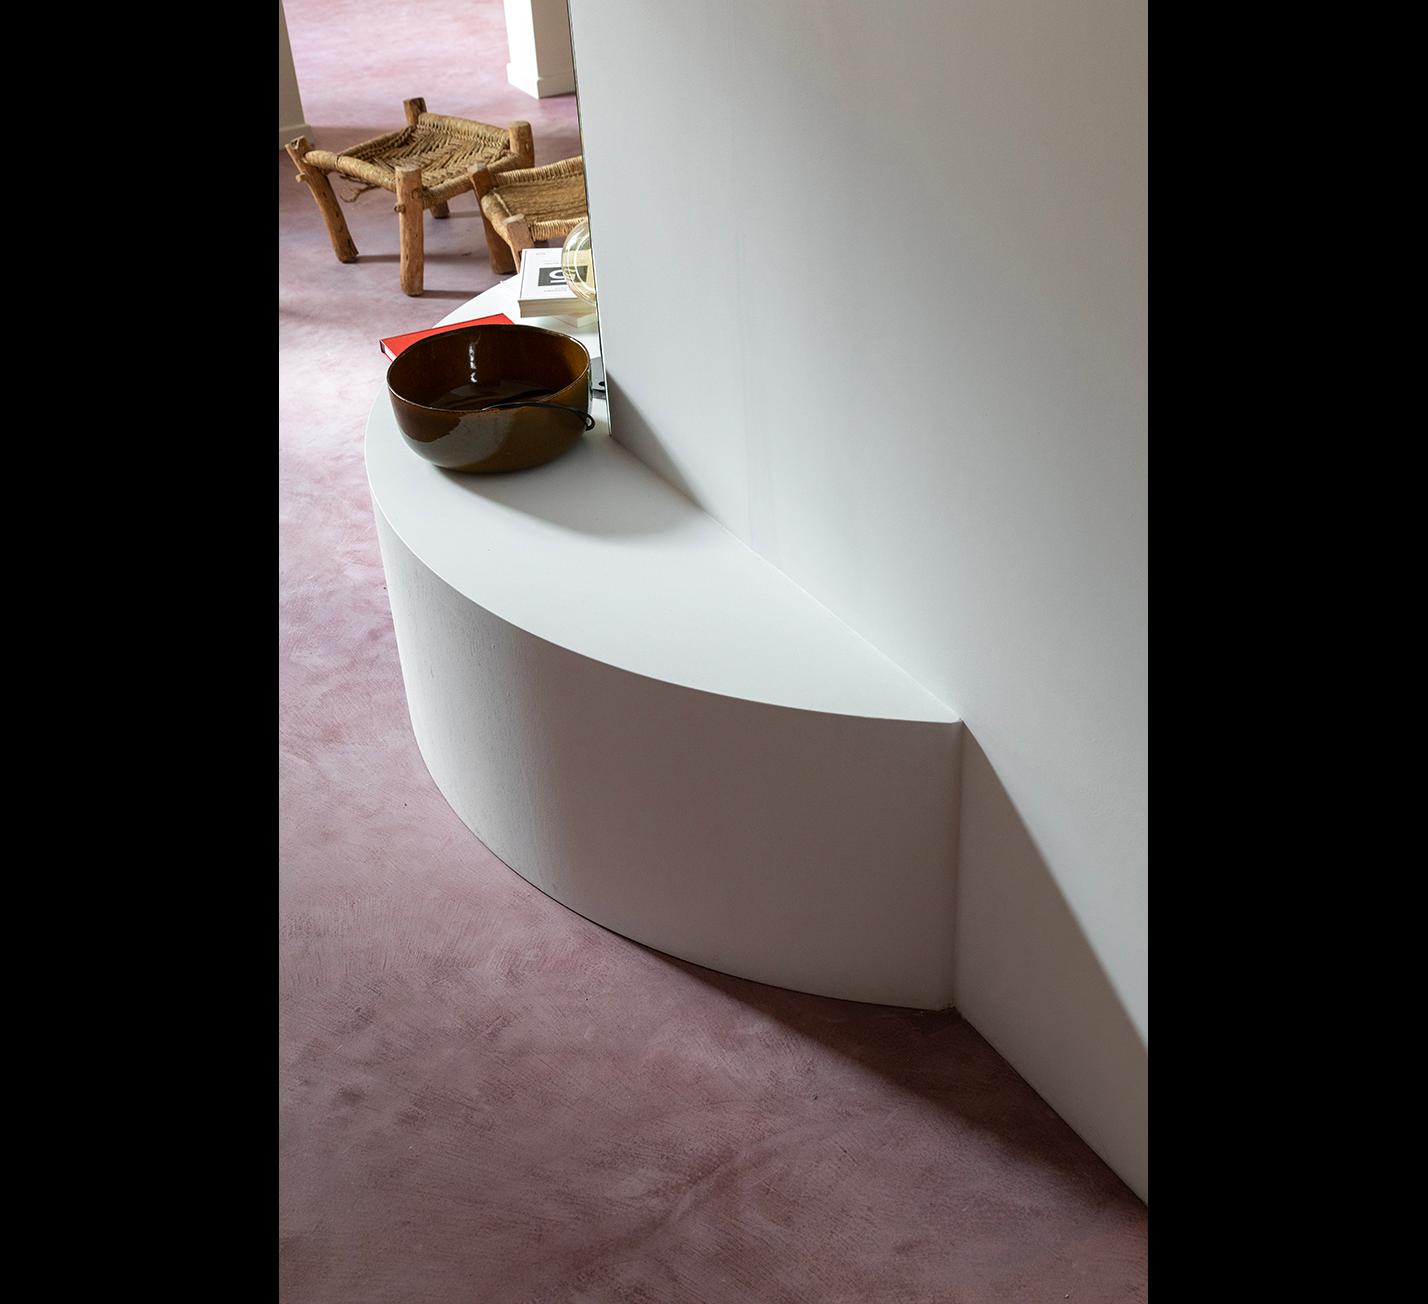 Appartement-Léon-paris-rénovation-architecture-paris-construction-atelier-steve-pauline-borgia-8